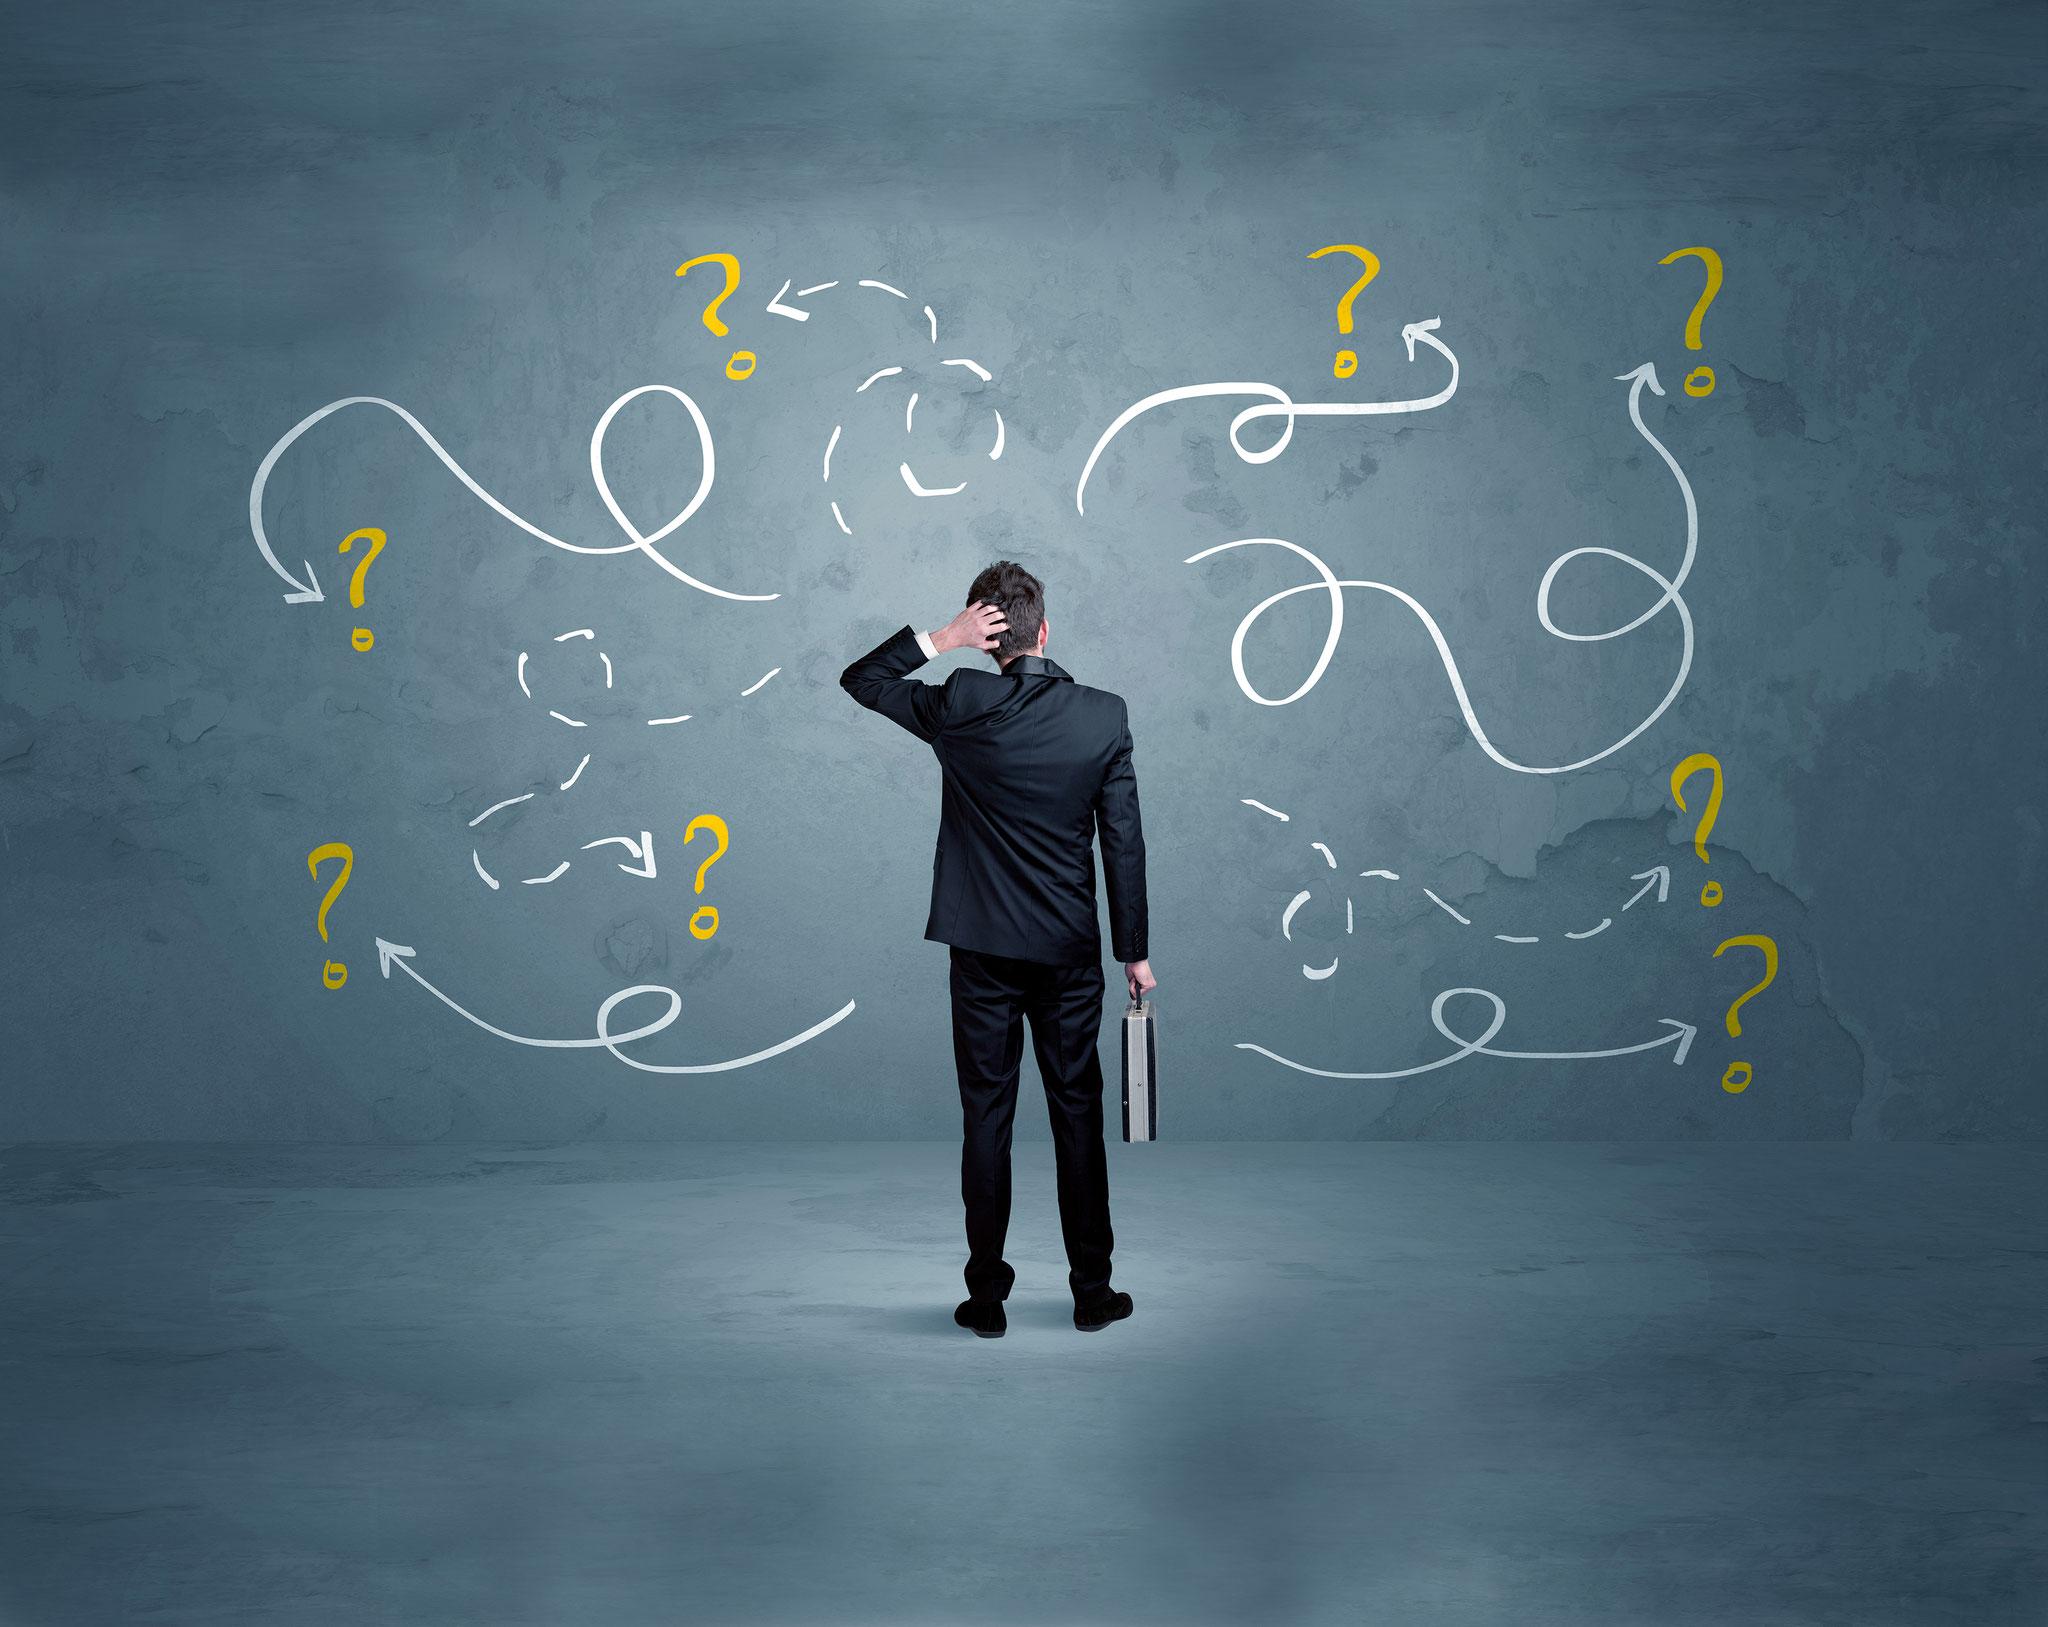 Karriereberatung für Führungskräfte - Einzelcoaching mit individuellen Schwerpunkten und Unterstützung beim Aufbau eines eigenen Netzwerks